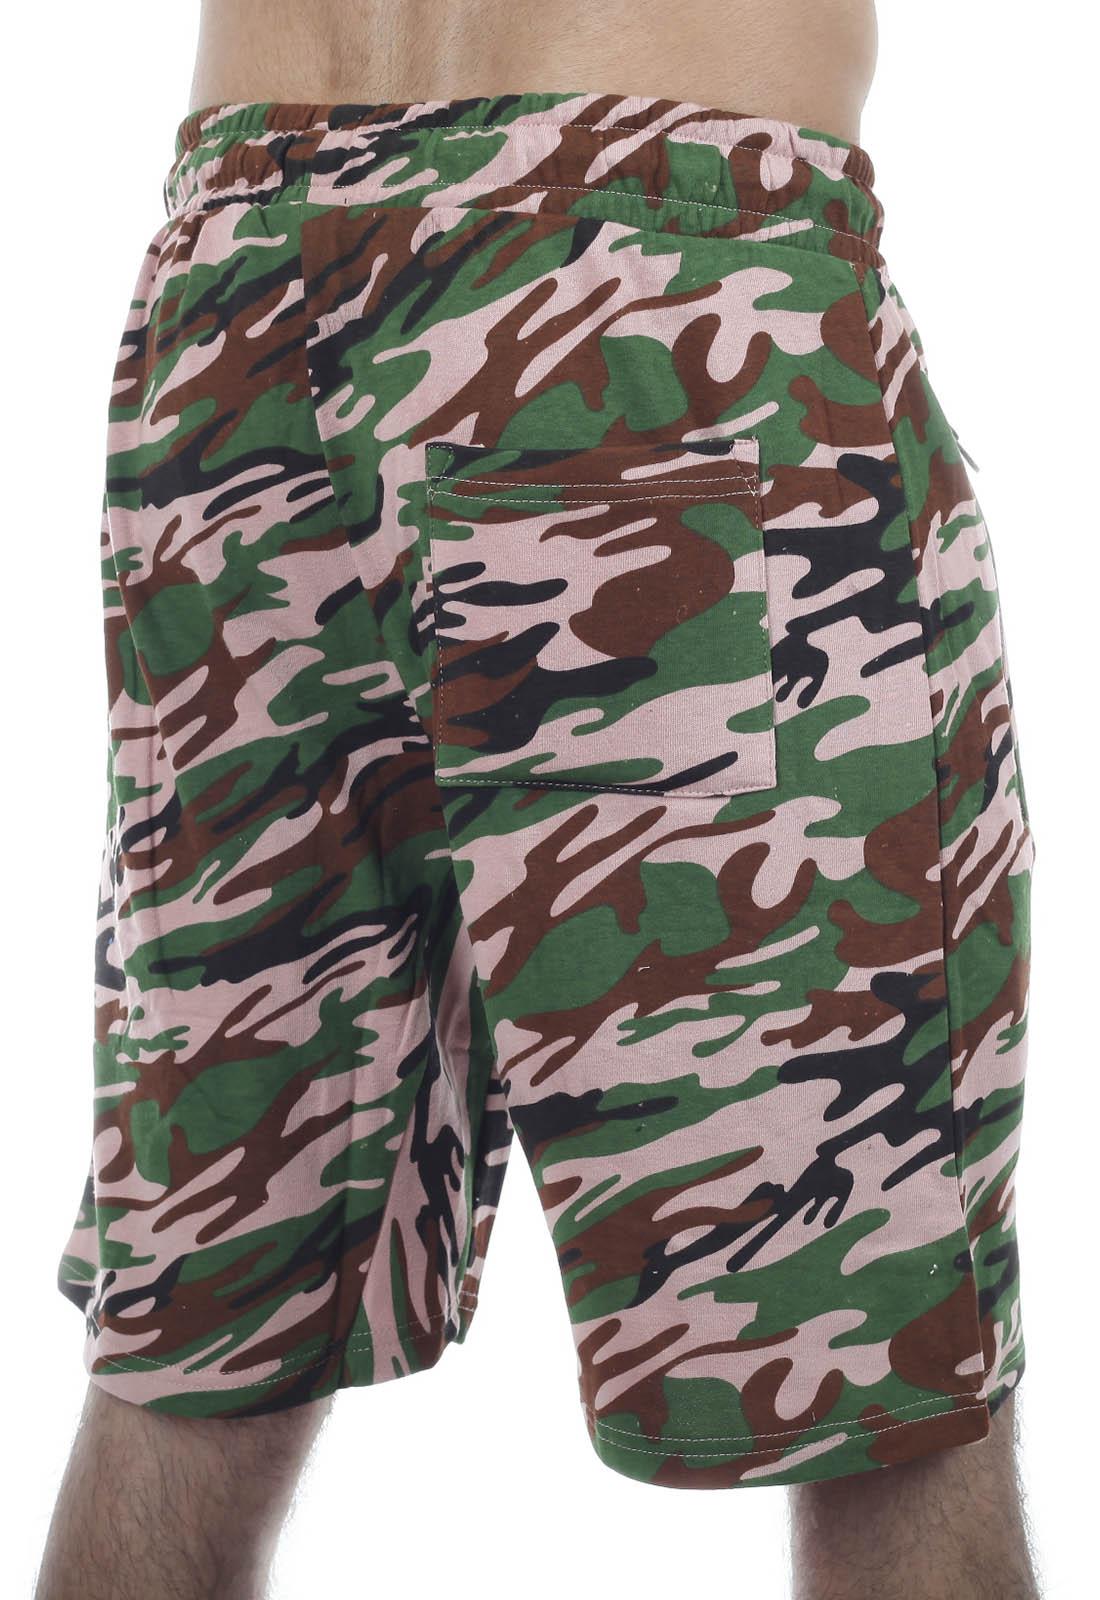 Купить в Москве в интернет магазине стильные мужские шорты